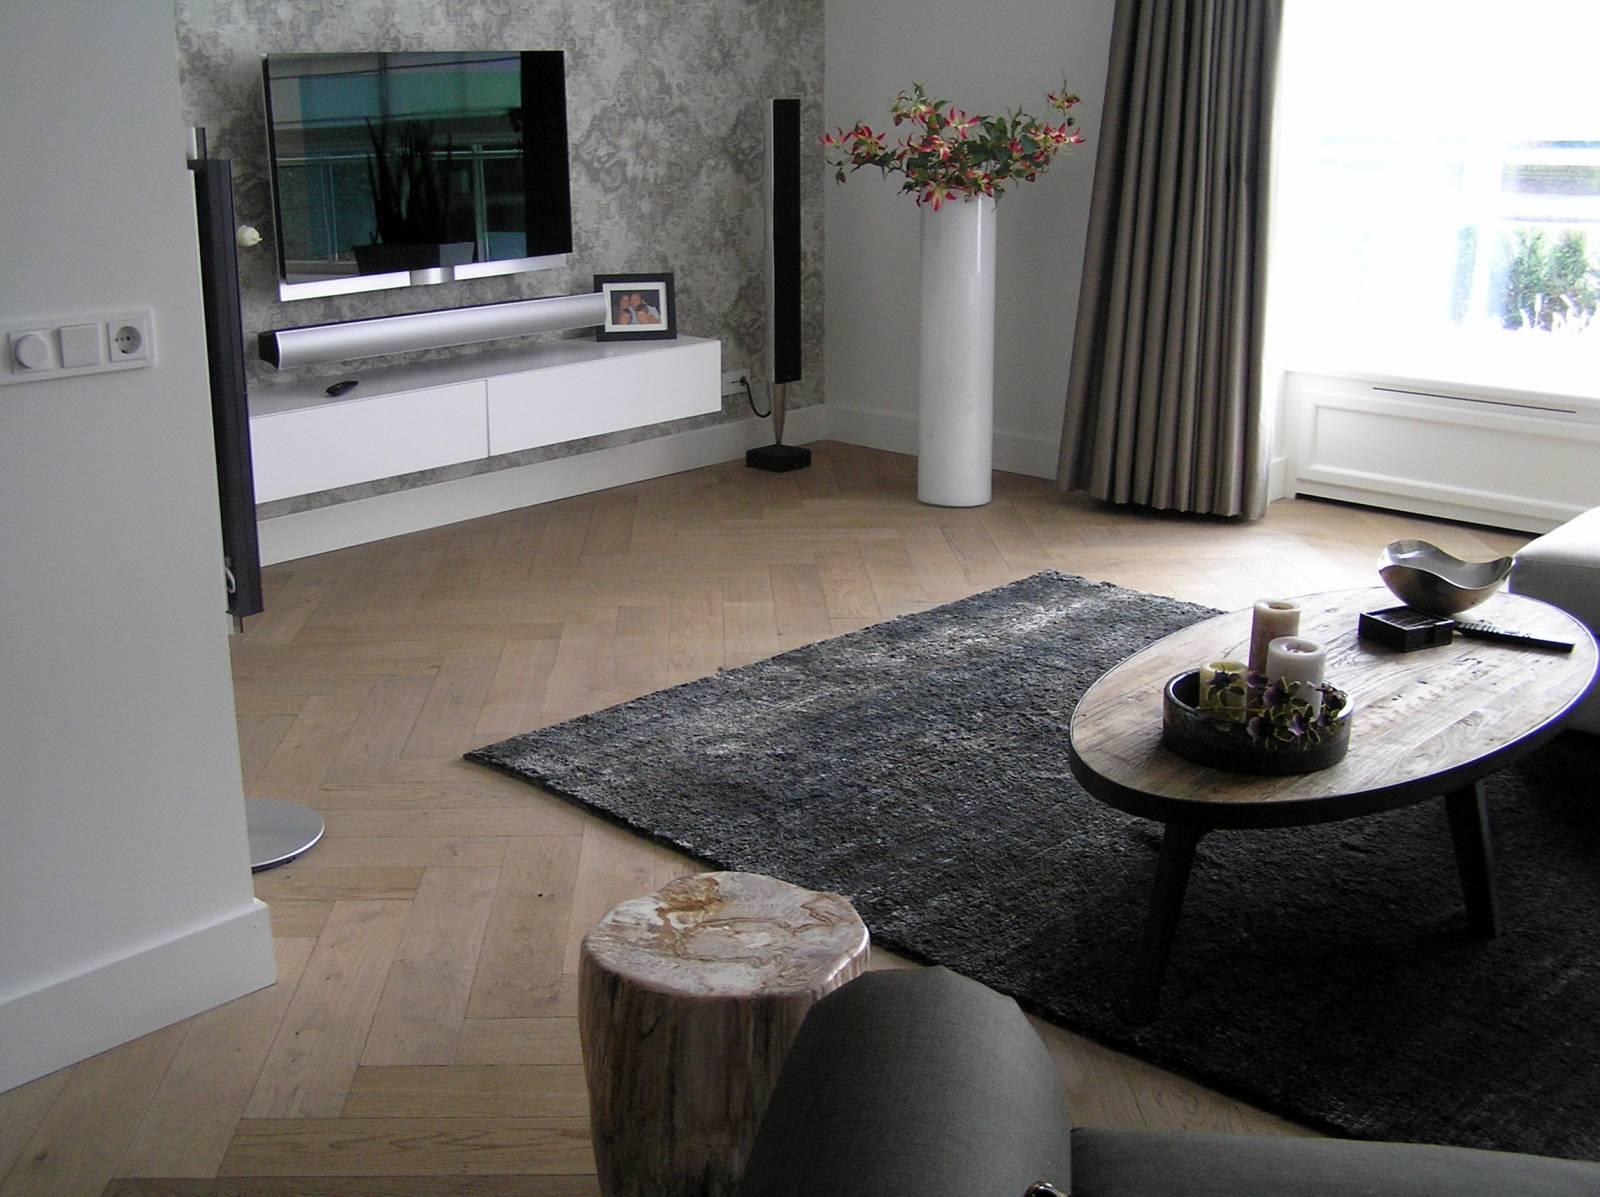 Houten Vloeren Onderhoud : Houten vloeren onderhoud · tegeltrend deurne